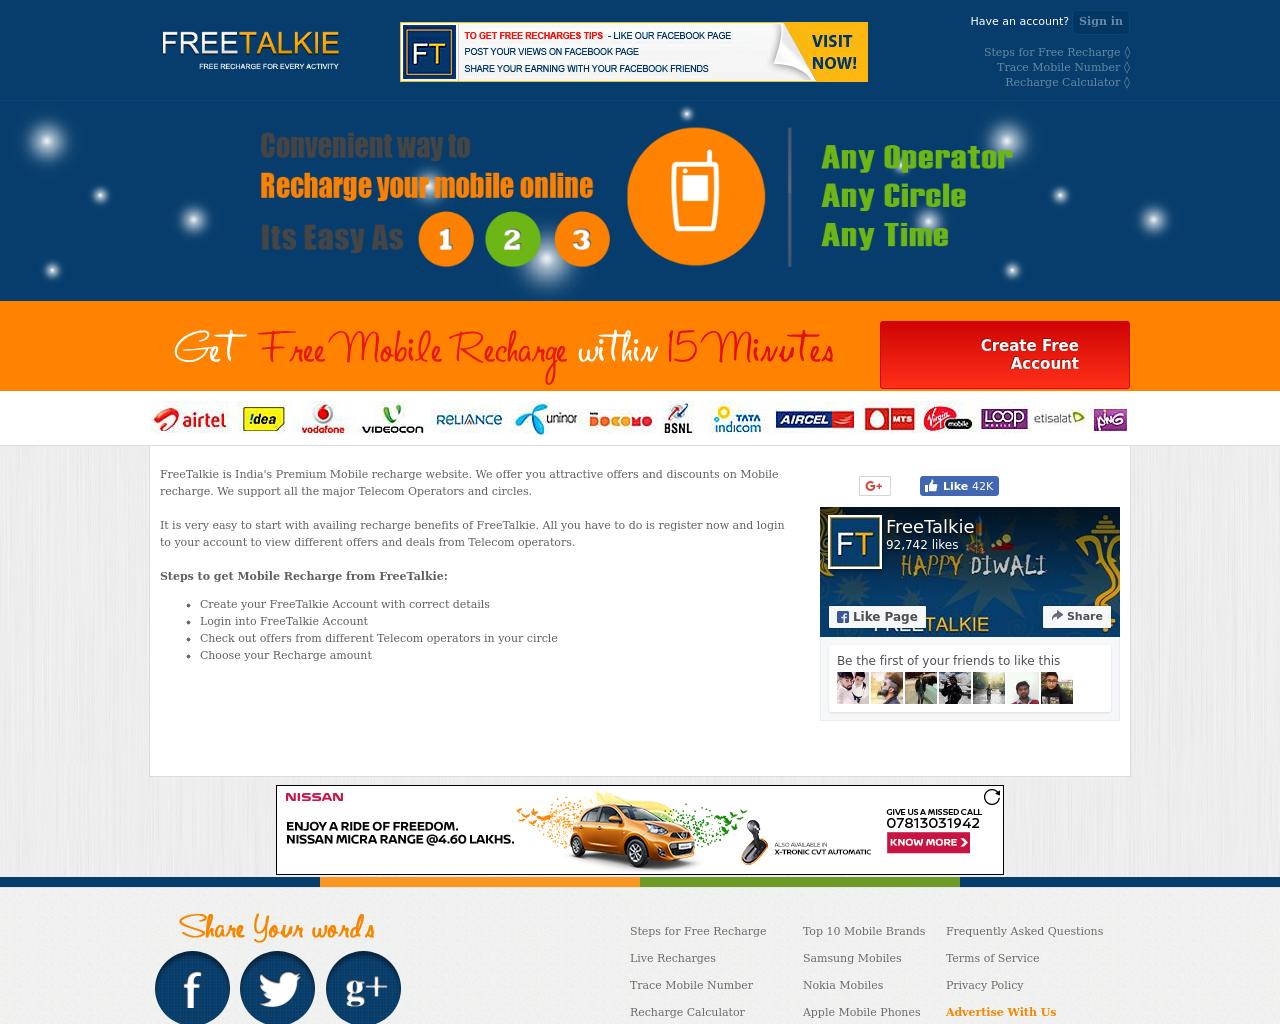 Freetalkie-Advertising-Reviews-Pricing